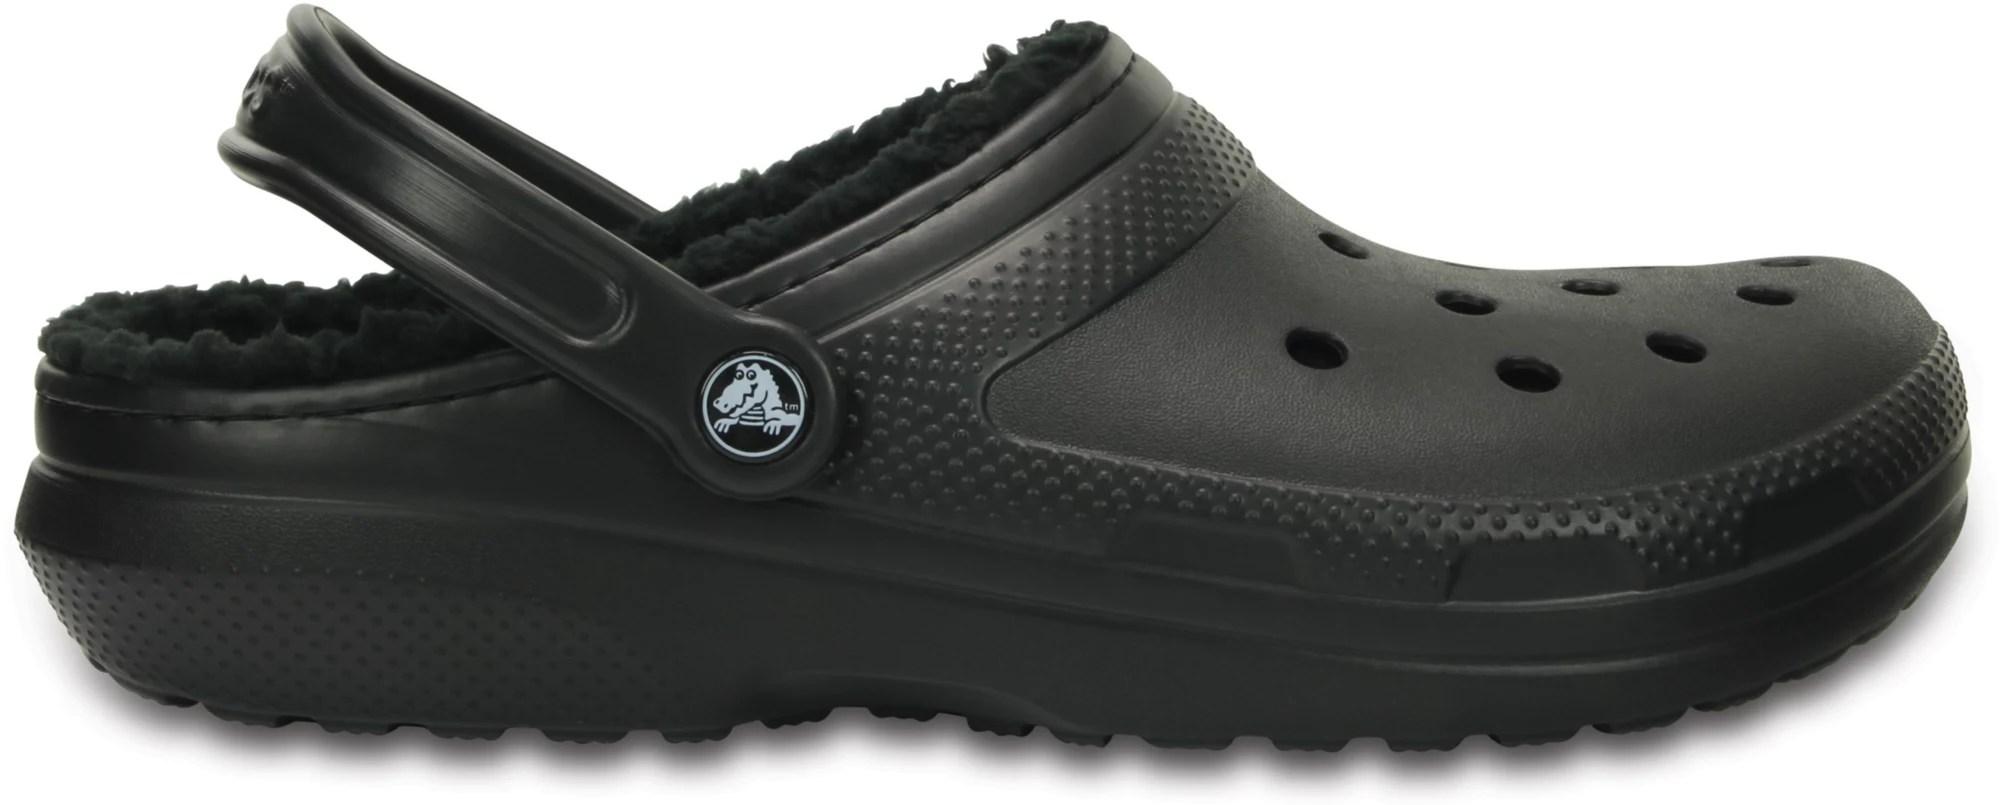 Crocs For Women Best Price Guarantee At Dick S